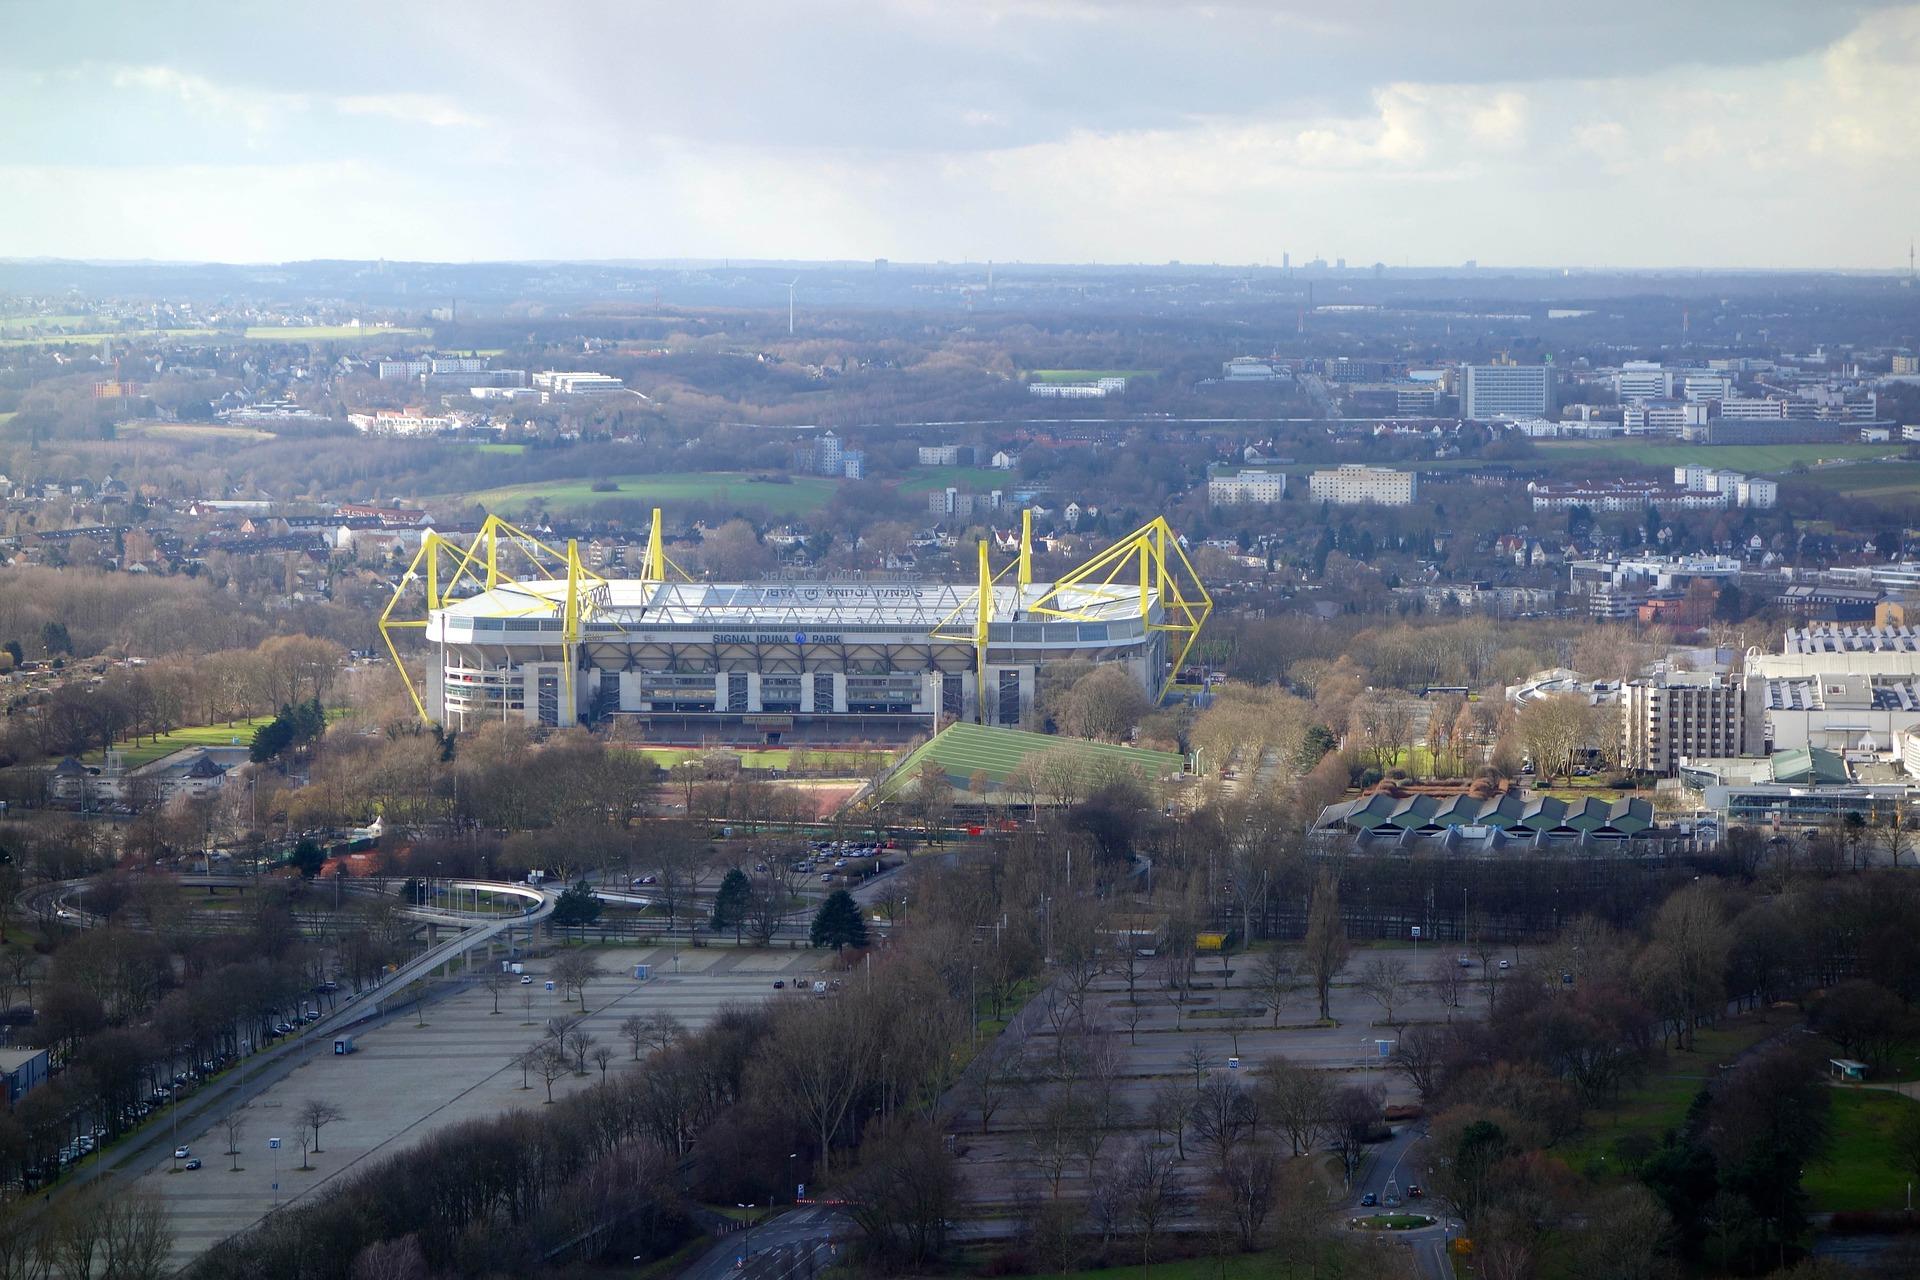 Zwiedzanie stadionów w Dortmundzie